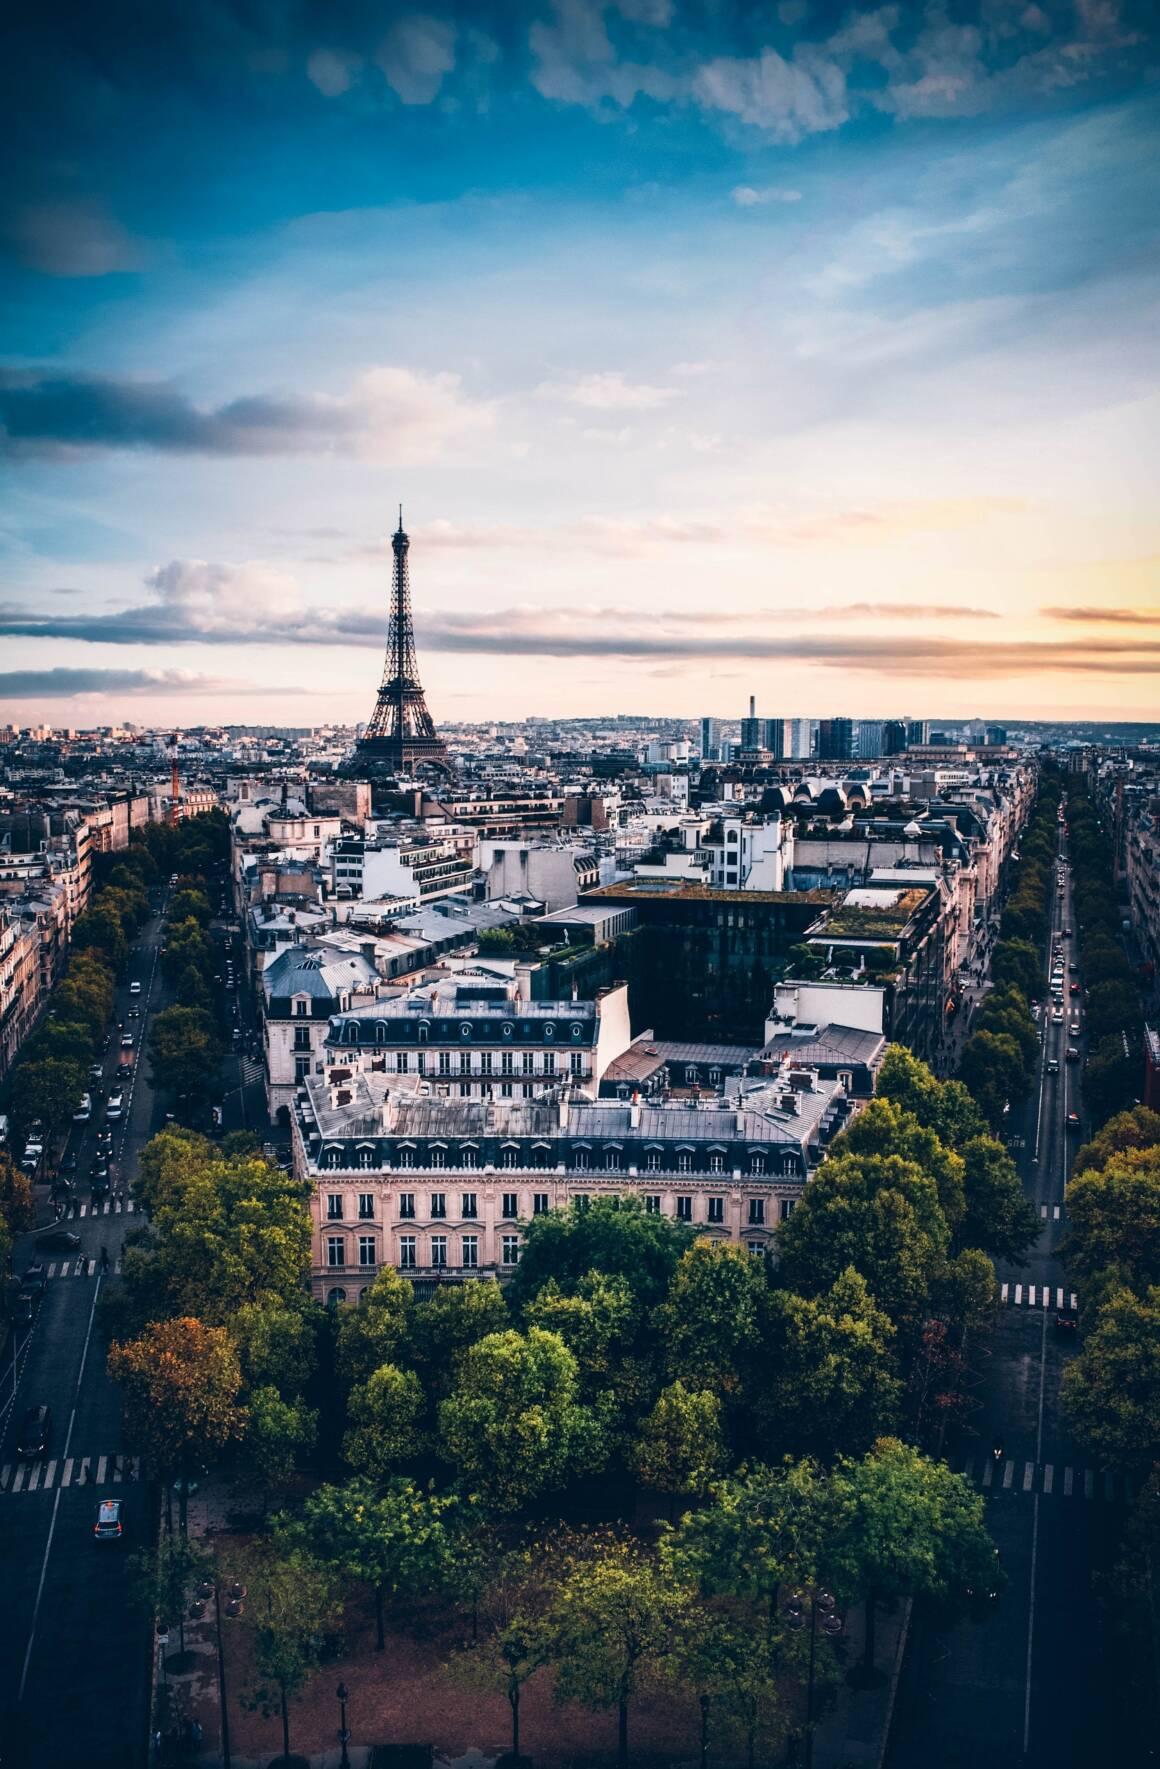 groupe renault waymo e la regione di parigi annunciano piani di servizi di mobilita autonoma mobilemarketing magazine 1160x1769 - A Parigi annunciato il piano di servizi di mobilità autonoma tra l'aeroporto De Gaulle e la Defense